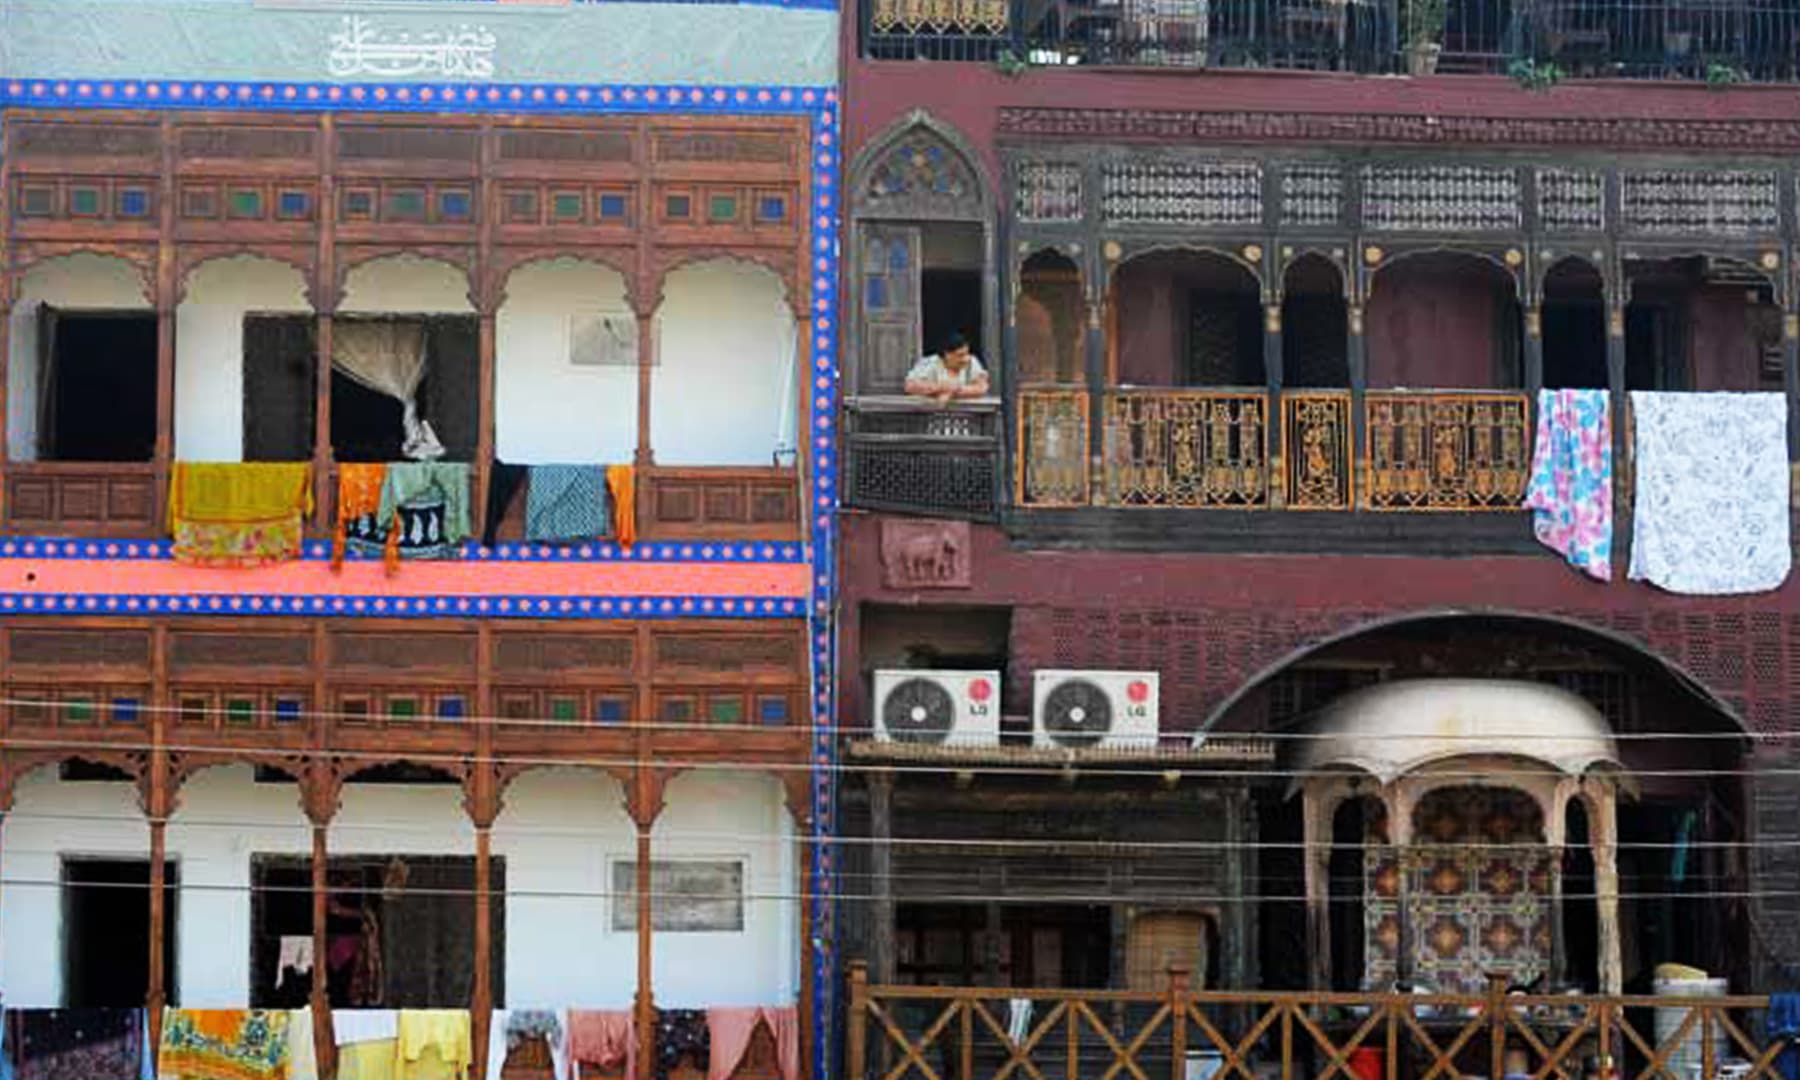 لاہور کا ایک پرانہ محلہ— تصویر عارف علی/ اے ایف پی